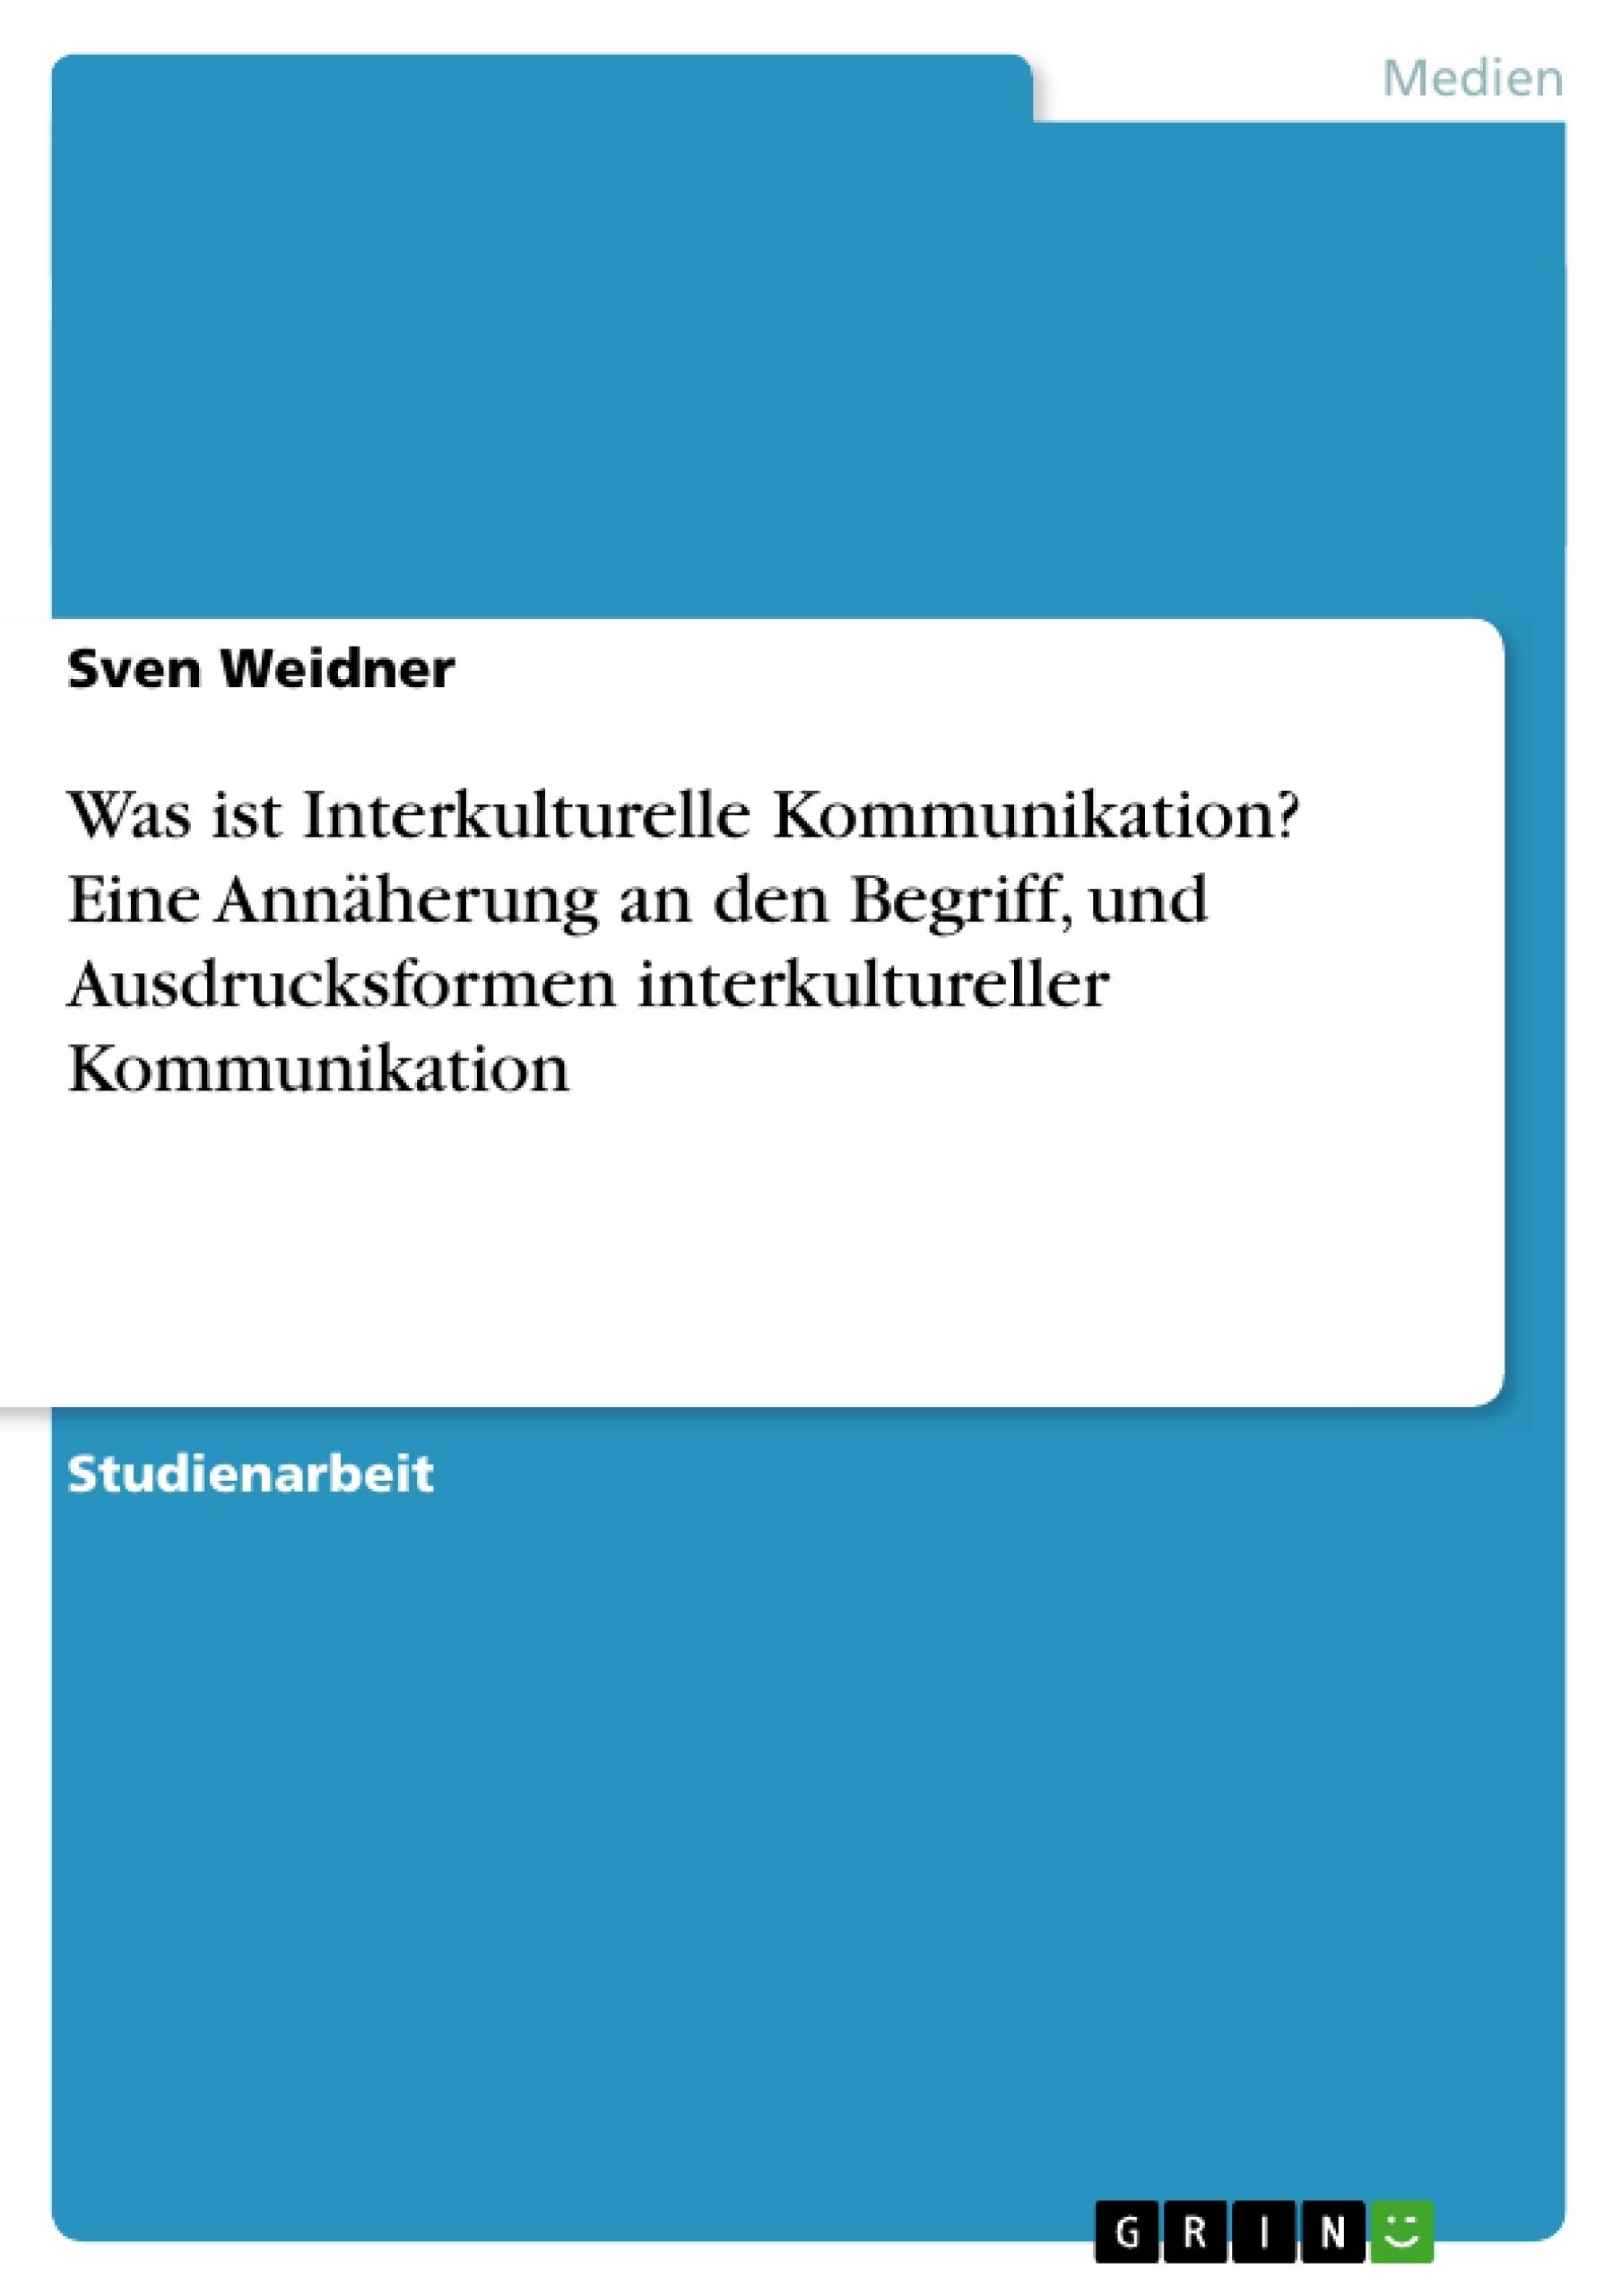 Titel: Was ist Interkulturelle Kommunikation?  Eine Annäherung an den Begriff, und Ausdrucksformen interkultureller Kommunikation